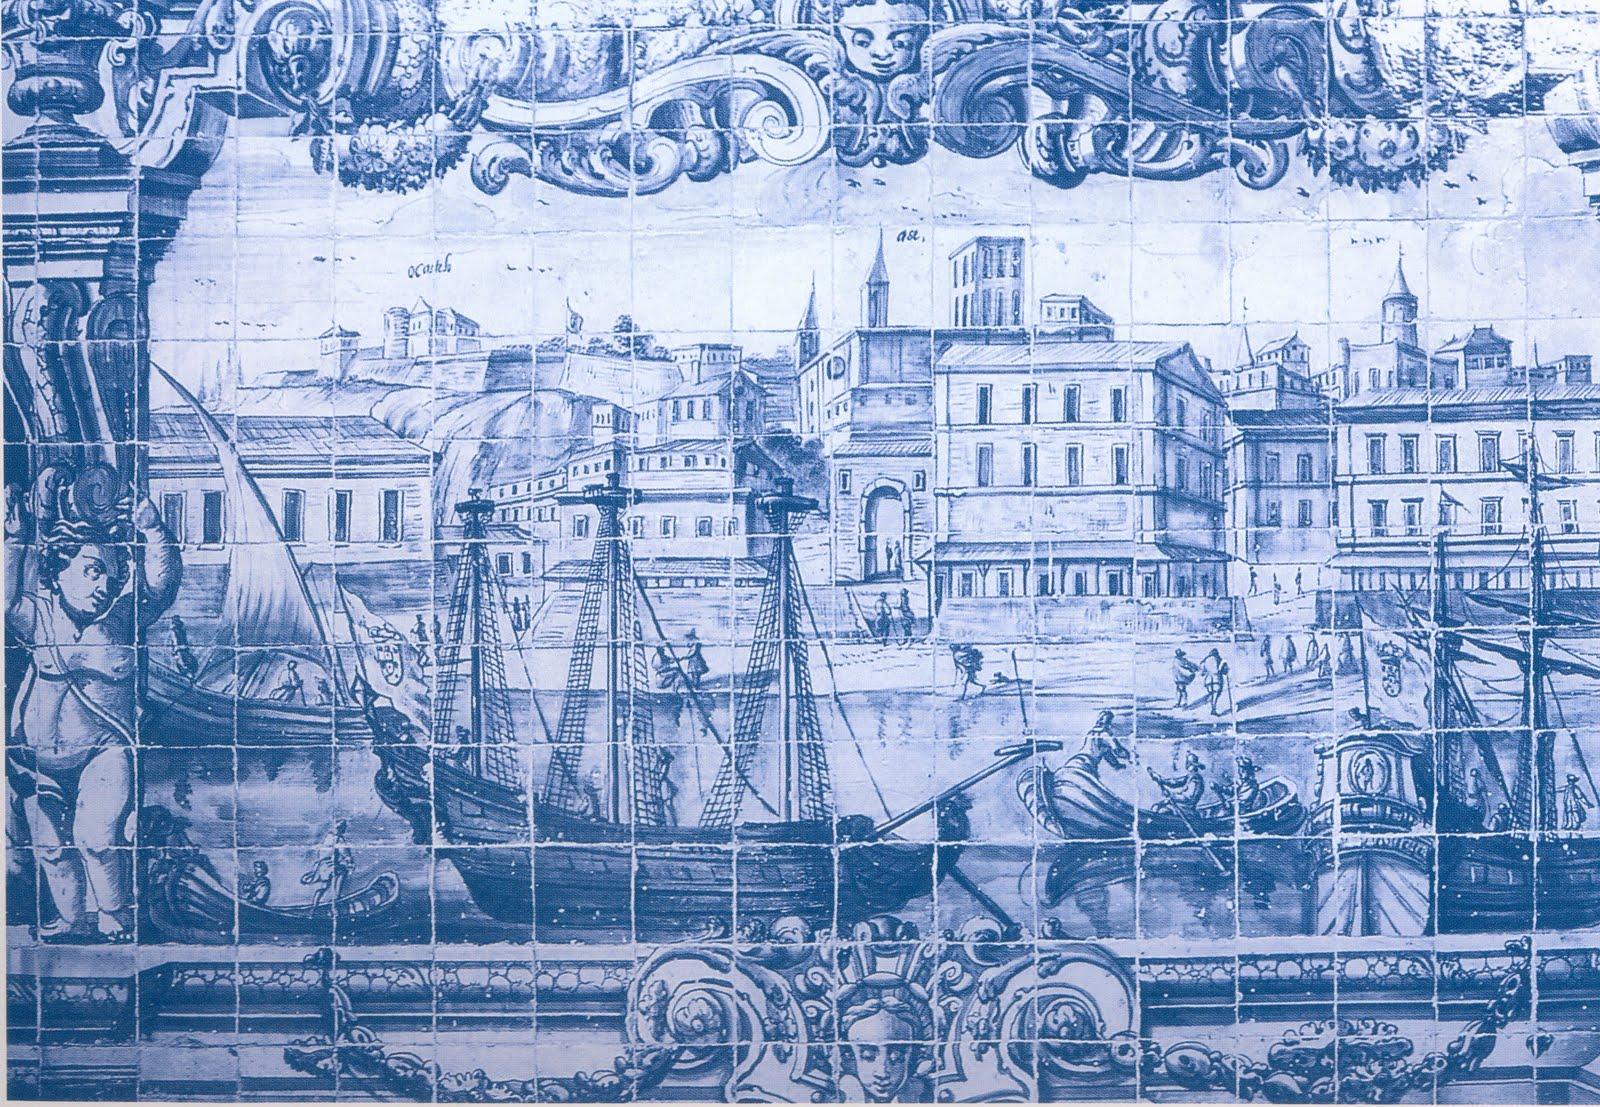 Espa o e mem ria tesouros do museu nacional do azulejo ao - Imagenes de azulejos ...